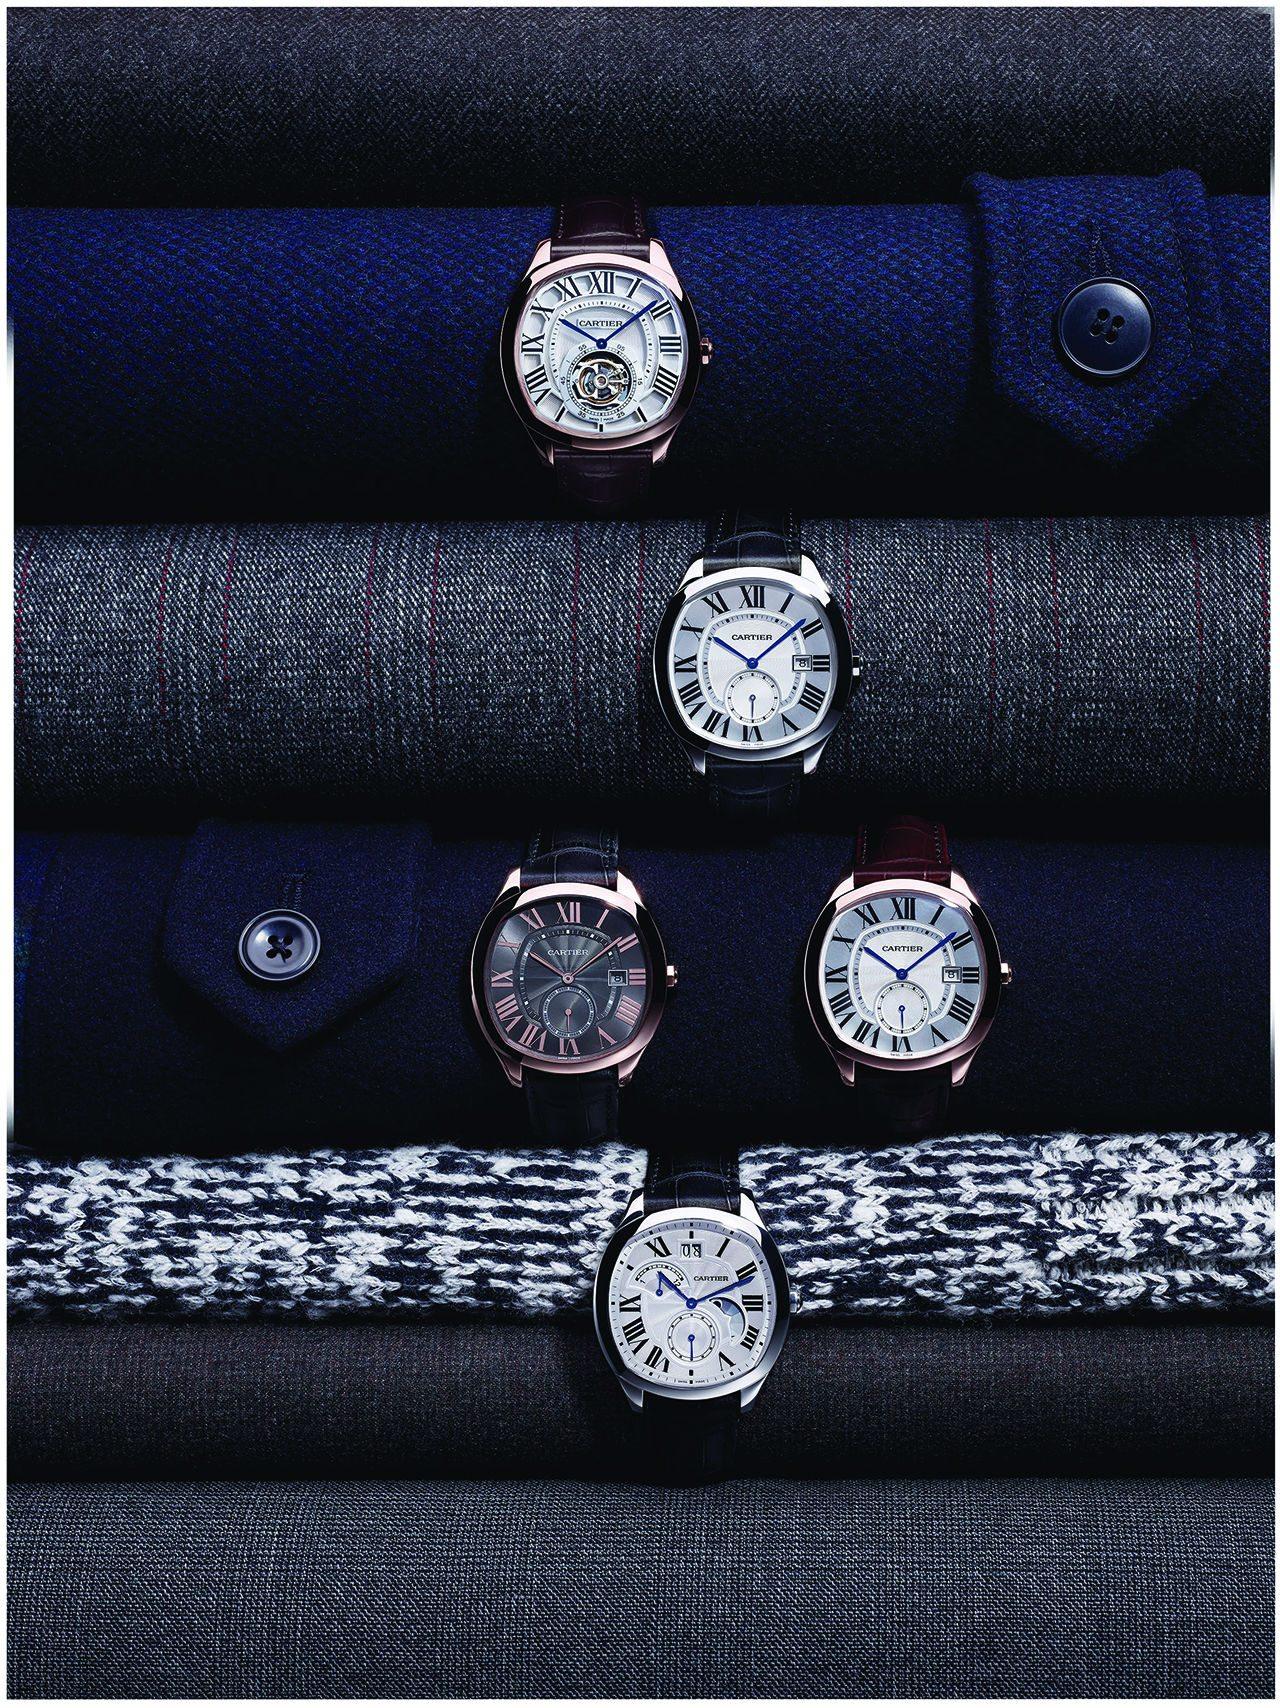 Cartier es la firma que goza de mayor espacio dentro de SIHH. Sus numerosas creaciones relojeras se presentan año tras año en esta feria.